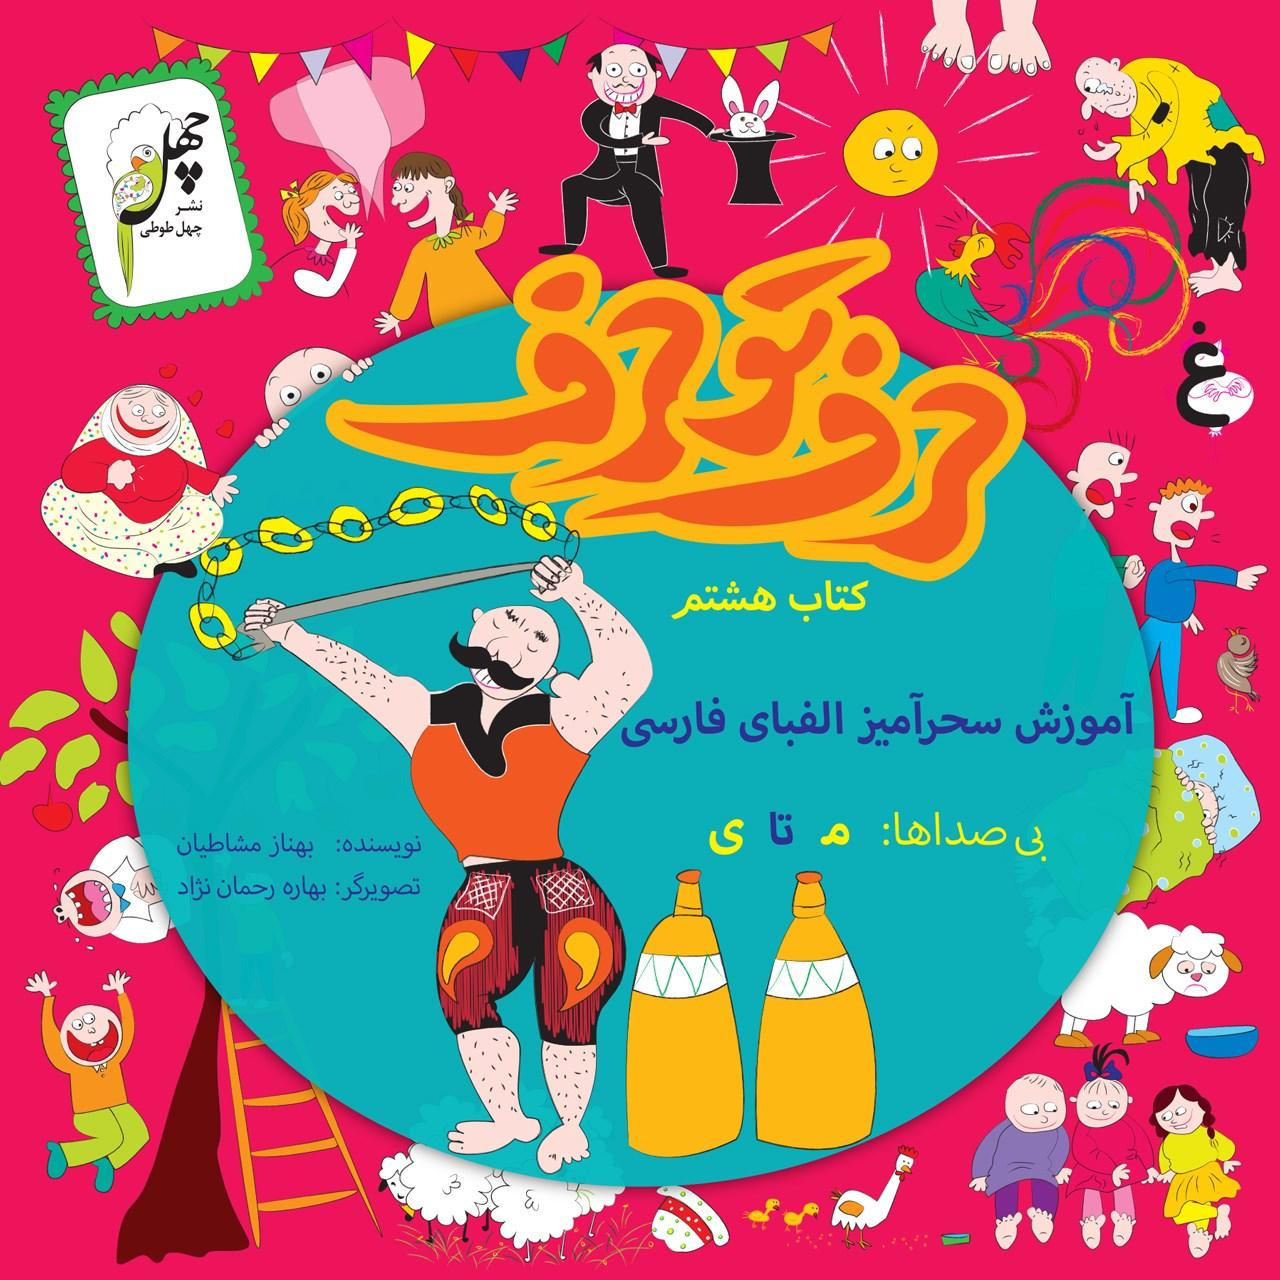 کتاب هشتم مجموعه حرف تو حرف  آموزش سحرآمیز الفبای فارسی اثر بهناز مشاطیان